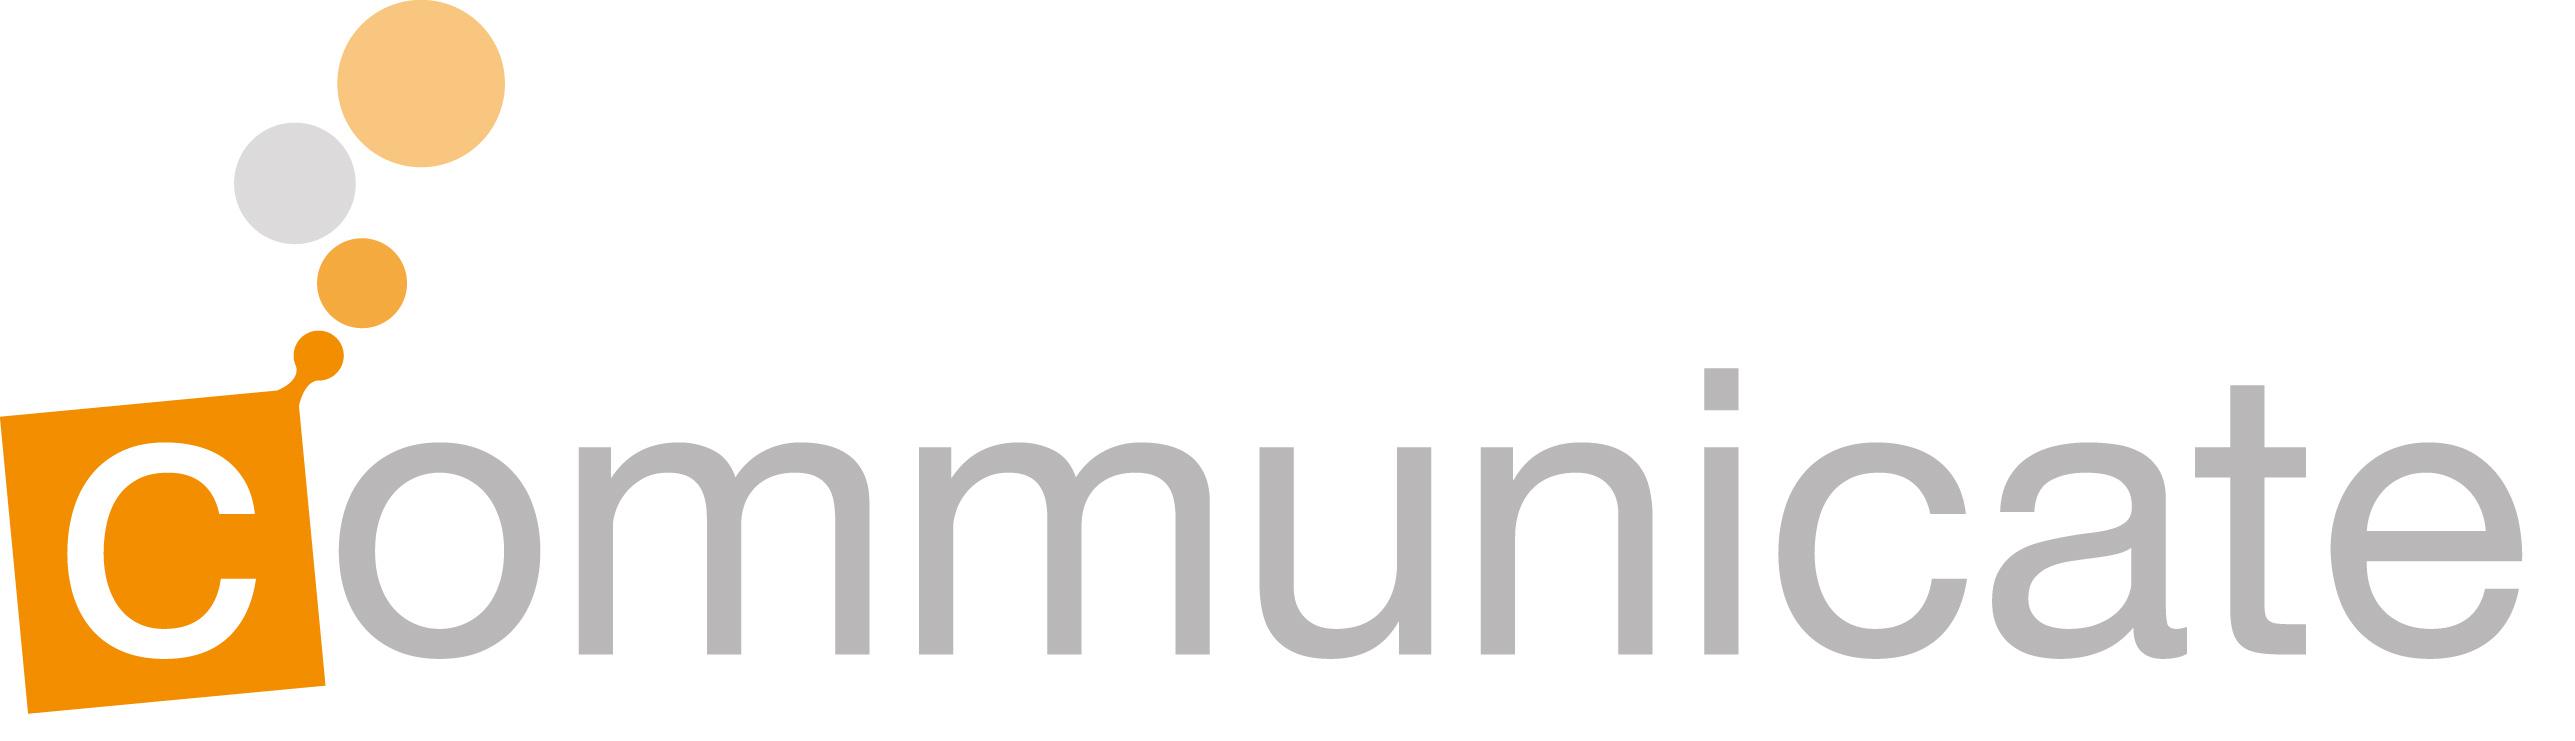 Our range of communication workshops